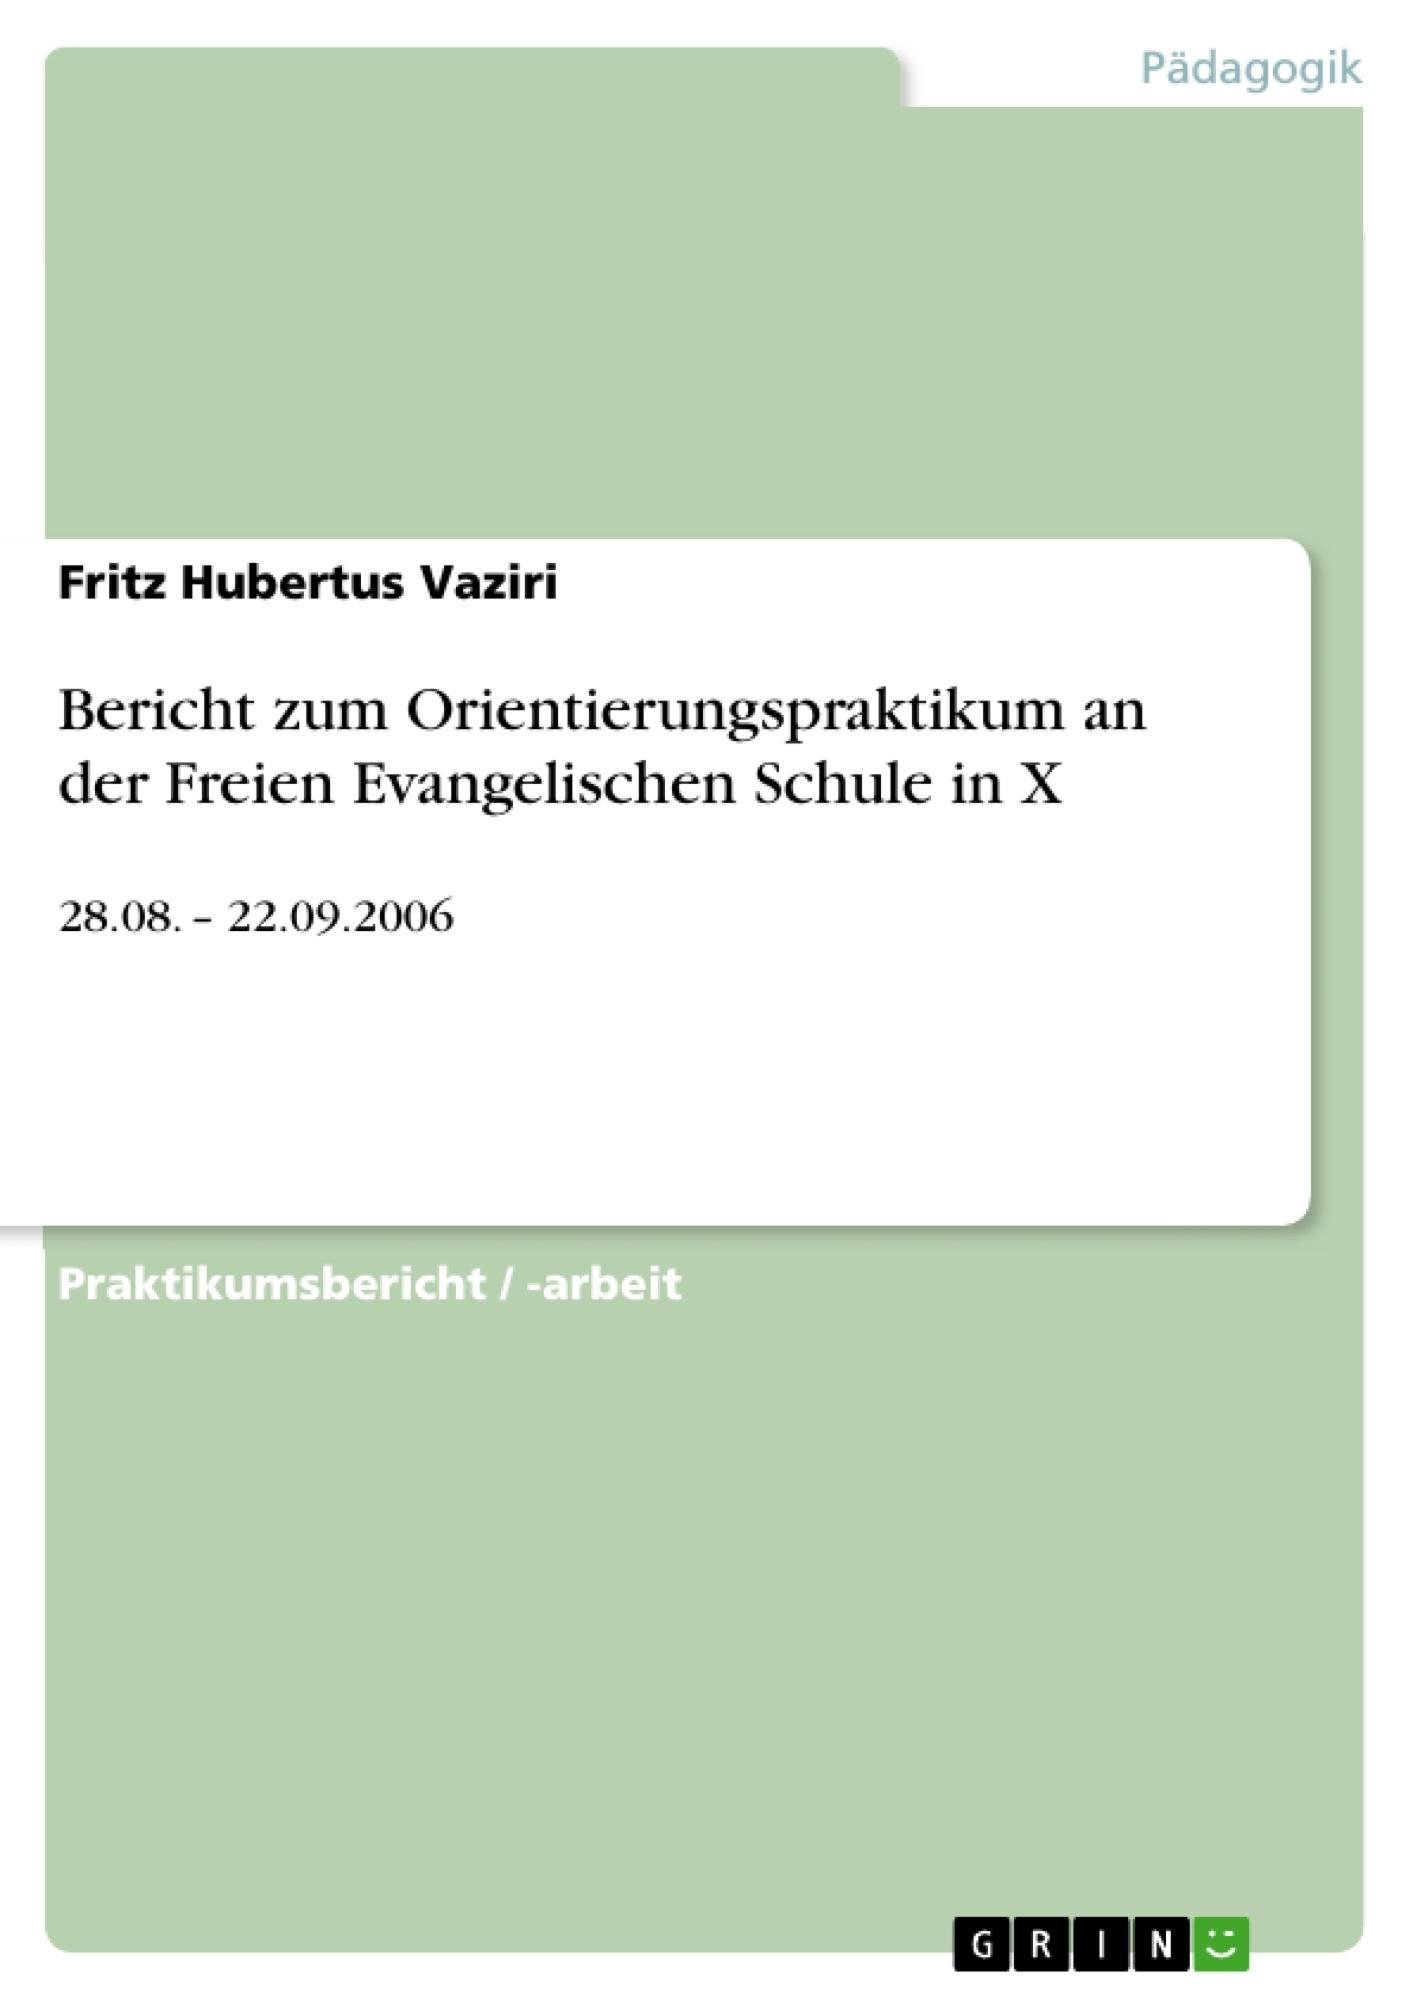 Titel: Bericht zum Orientierungspraktikum an der Freien Evangelischen Schule in X